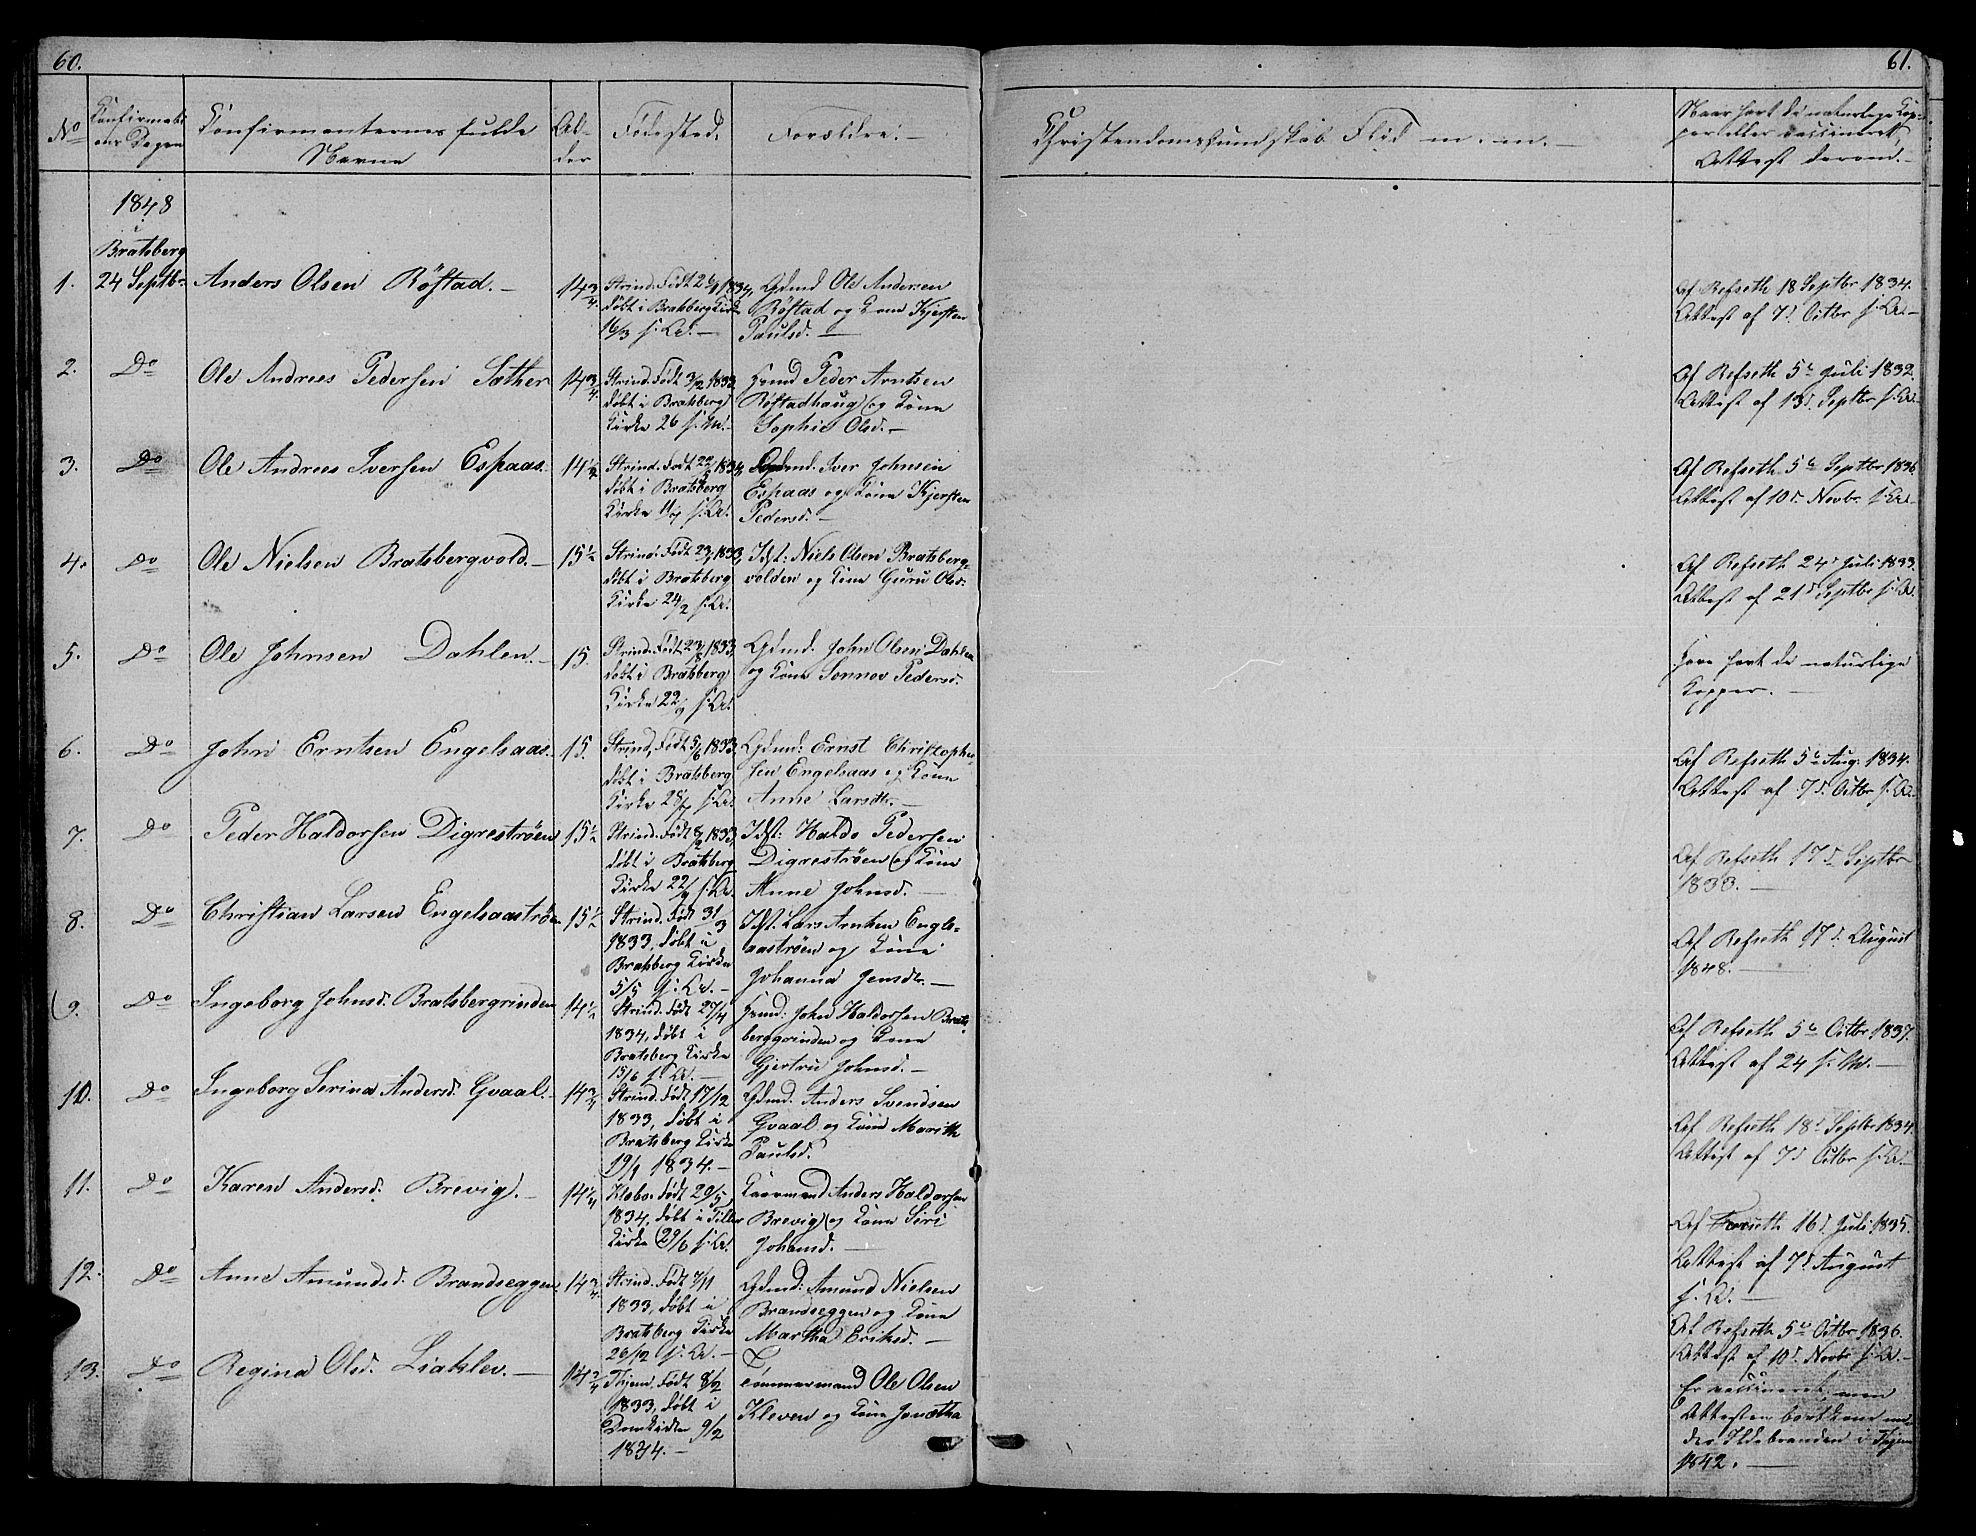 SAT, Ministerialprotokoller, klokkerbøker og fødselsregistre - Sør-Trøndelag, 608/L0339: Klokkerbok nr. 608C05, 1844-1863, s. 60-61